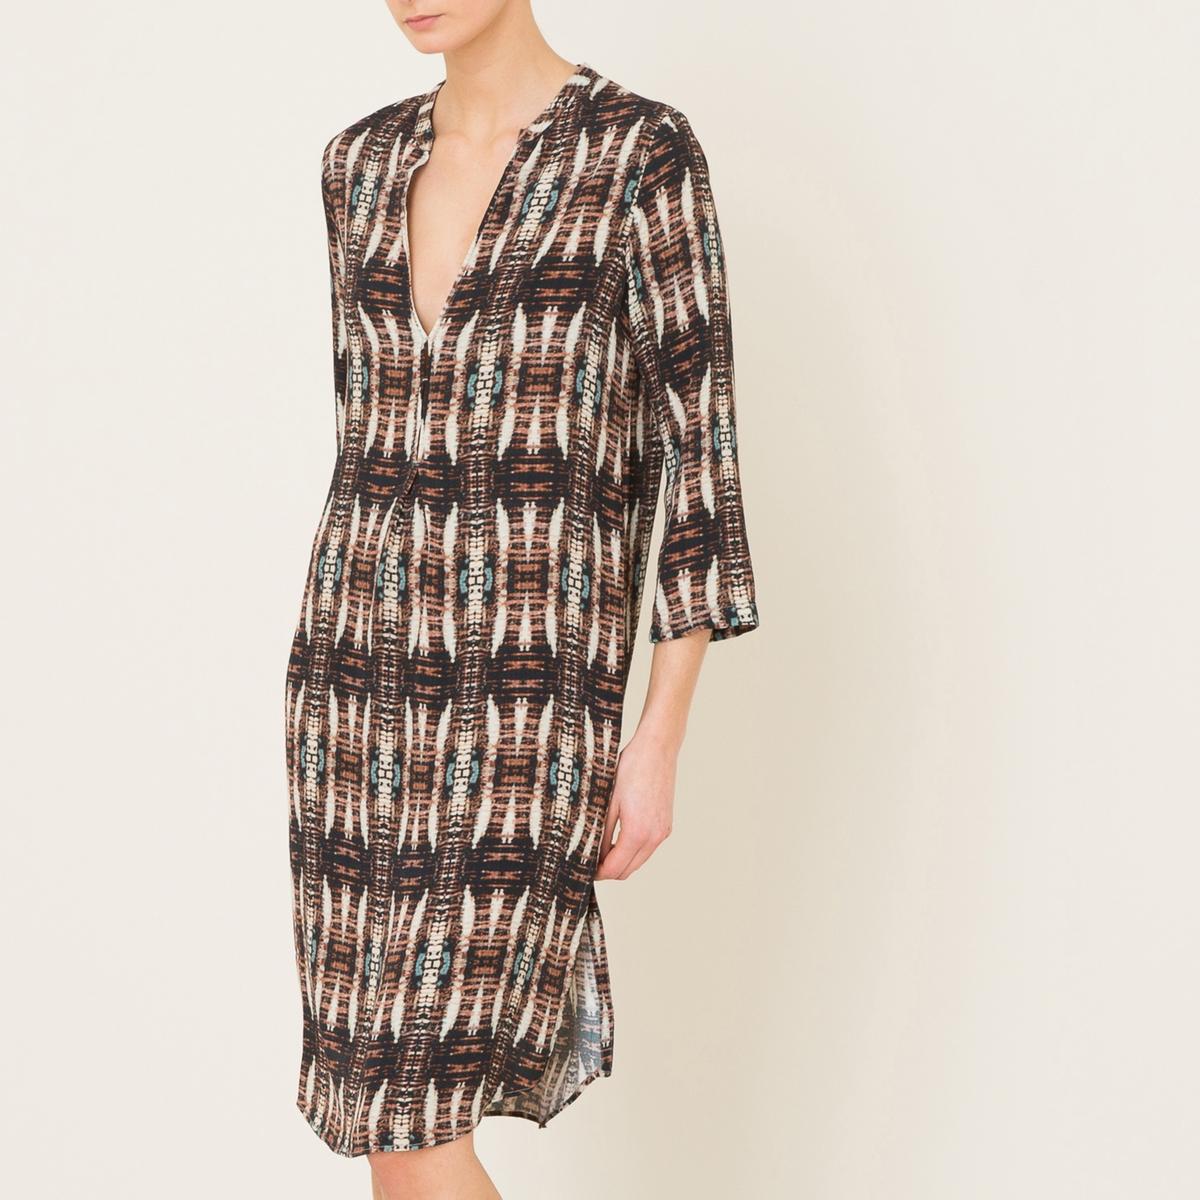 Платье  ROANAПлатье до колен DIEGA  - модель ROANA свободной формы с разрезами по бокам, из струящейся вискозы со сплошным рисунком. Вырез с V-образным разрезом спереди. Длинные рукава. Разрезы по бокам. Объемный покрой.Состав и описание    Материал : 100% вискоза   Марка : DIEGA<br><br>Цвет: рисунок черный<br>Размер: XS